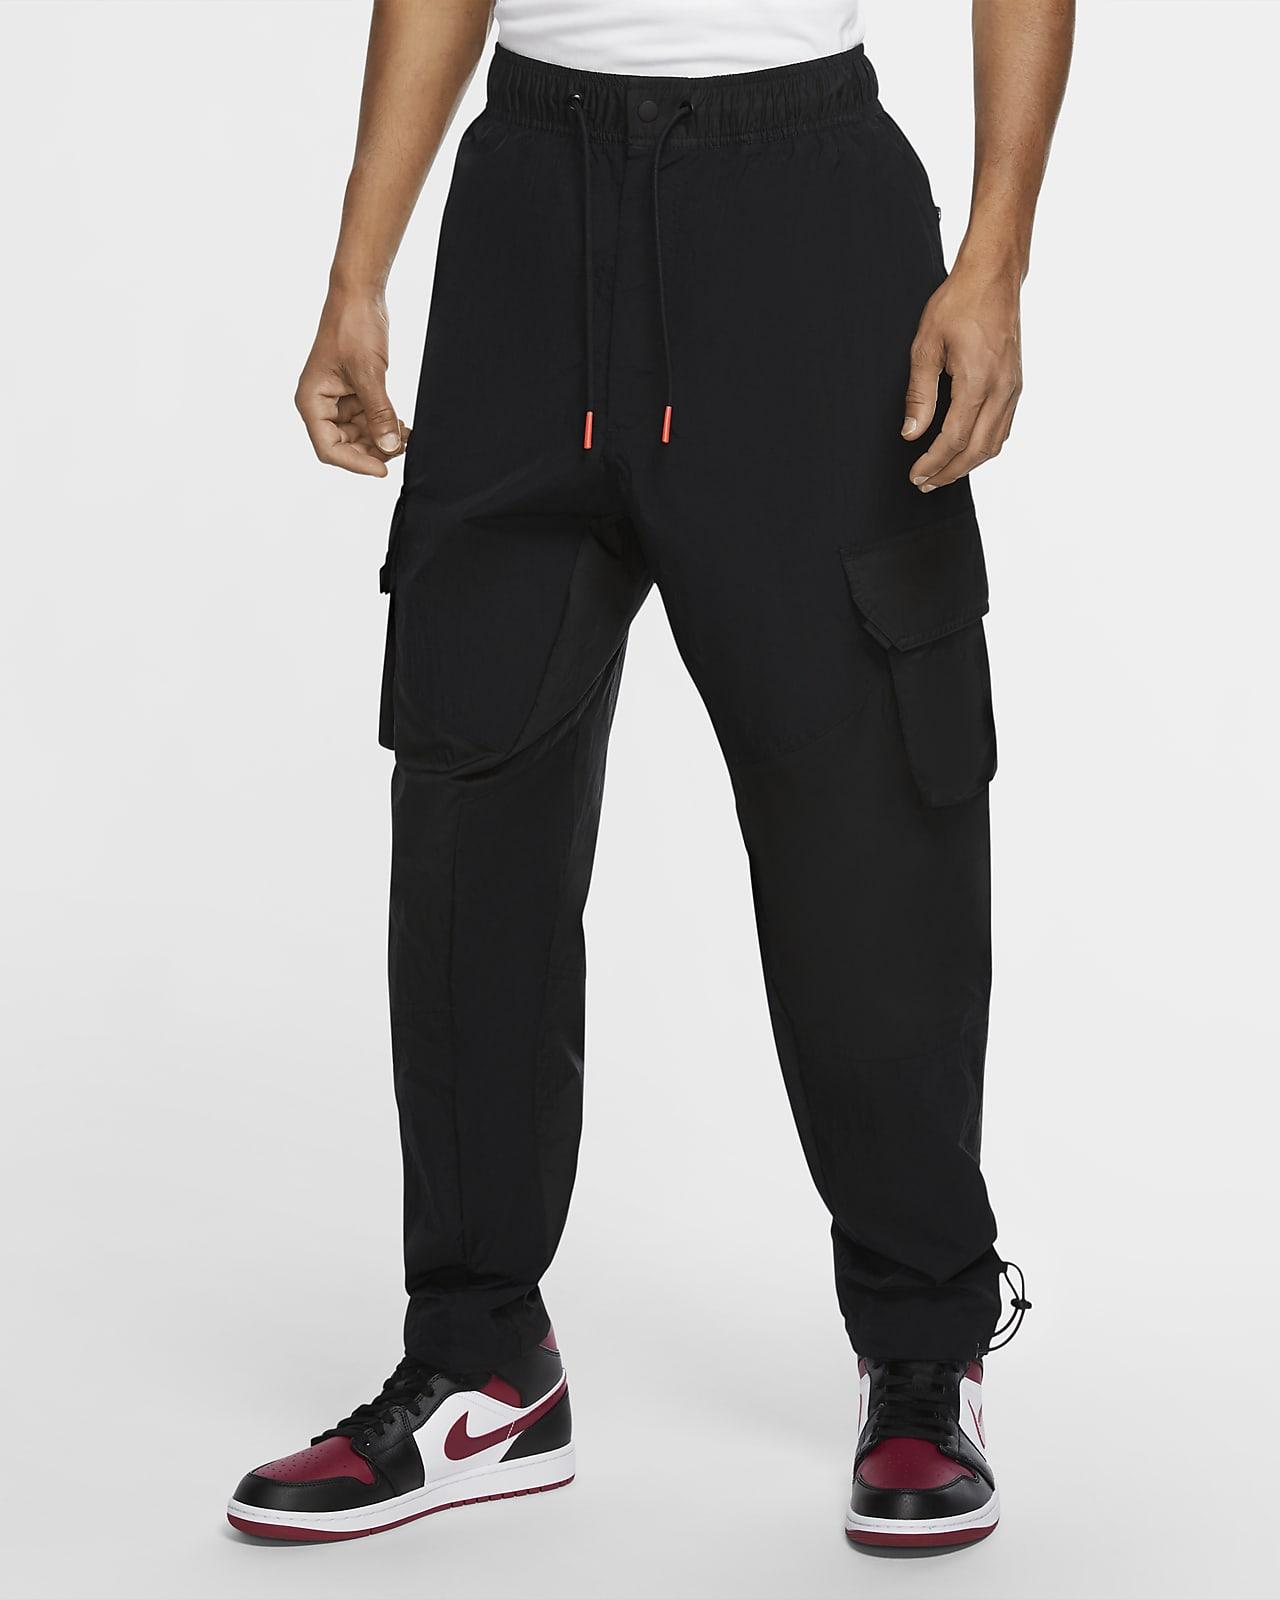 Męskie spodnie cargo Jordan 23 Engineered